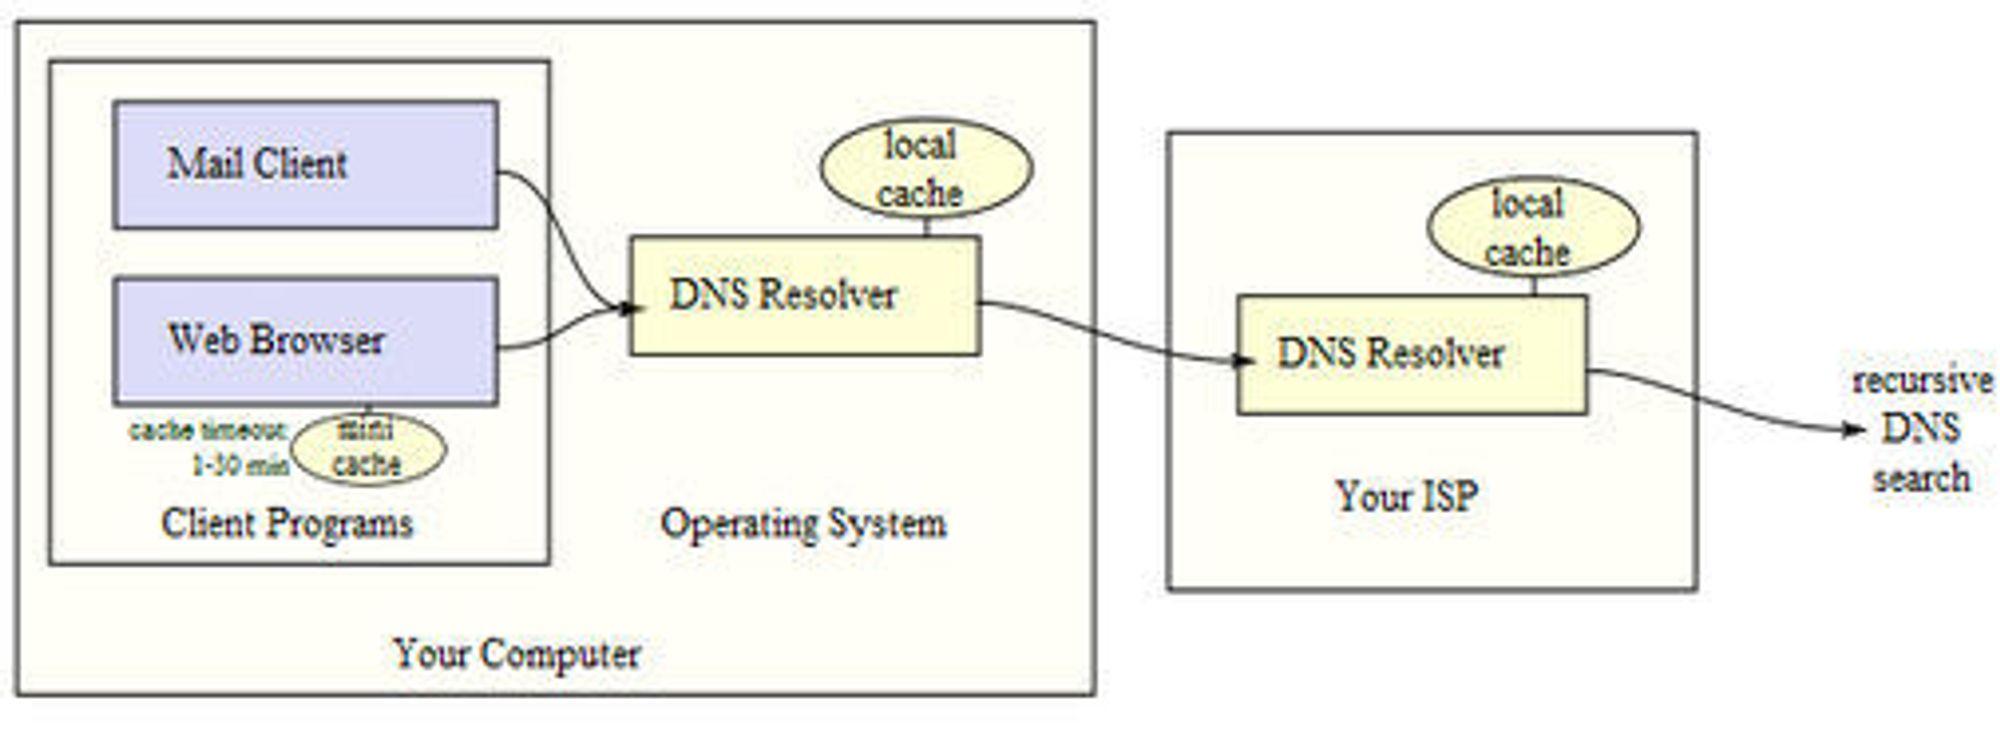 DNS-oppslag fra programmet til OS til ISP til høyere rekursivt oppslag. Illustrasjon: Wikimedia Commons.